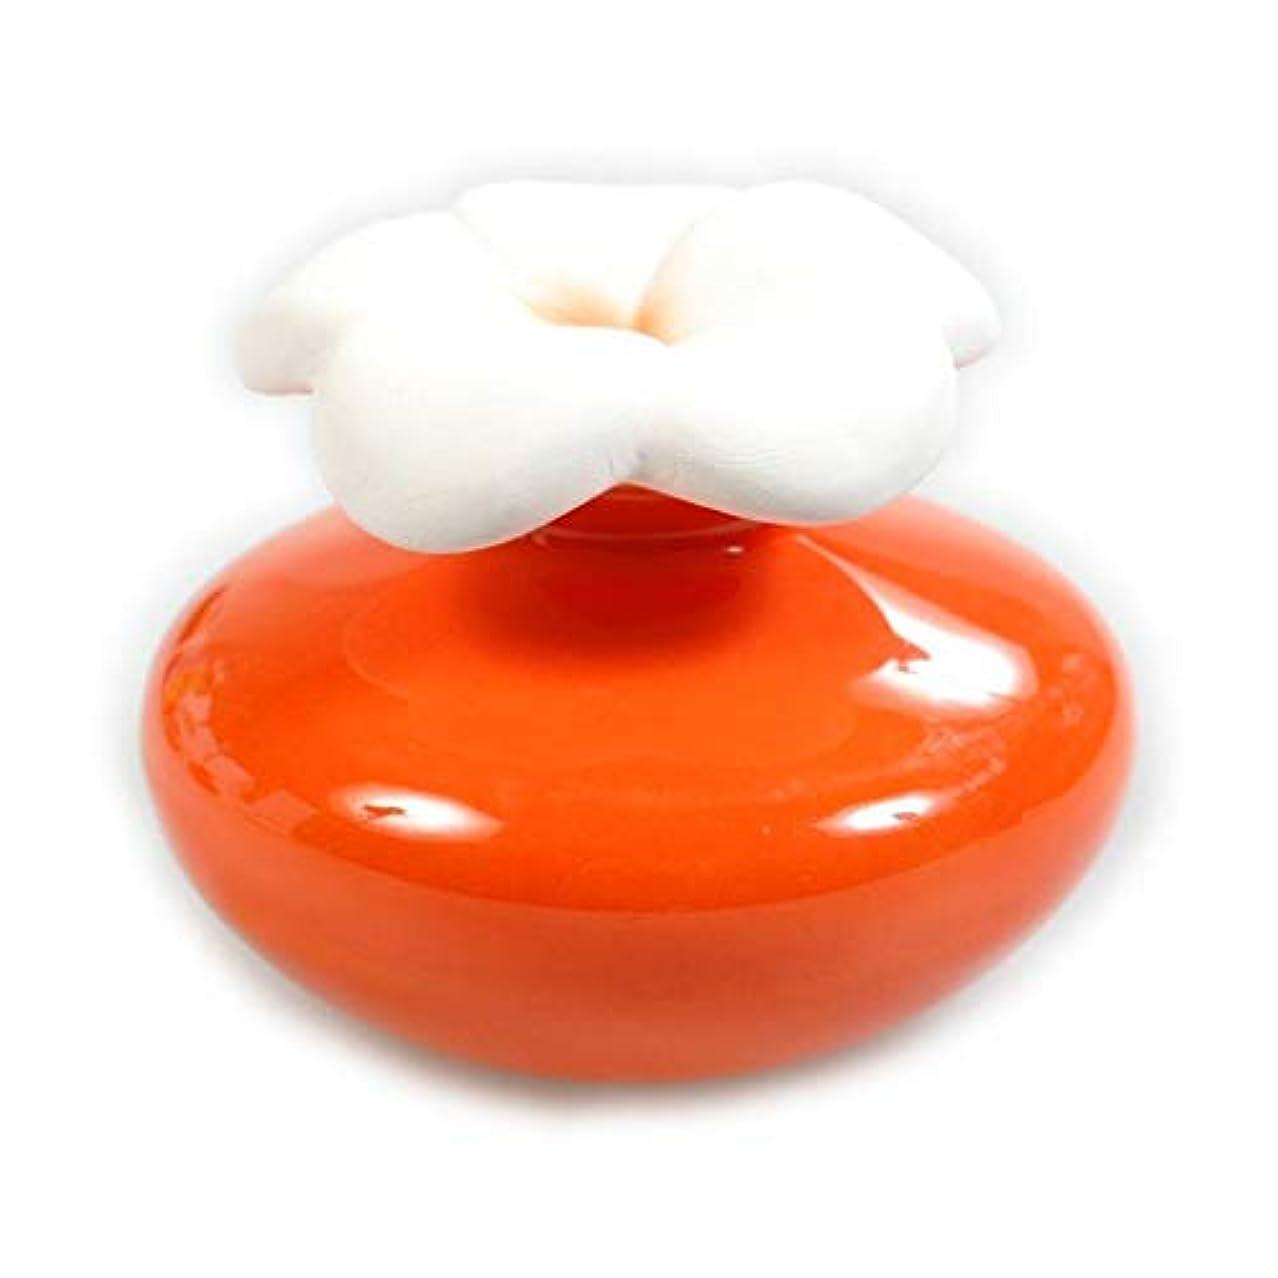 遺跡破裂ゾーンMillefiori FIORE ルームフレグランス用 花の形のセラミックディフューザー Sサイズ オレンジ LDIF-FS-004